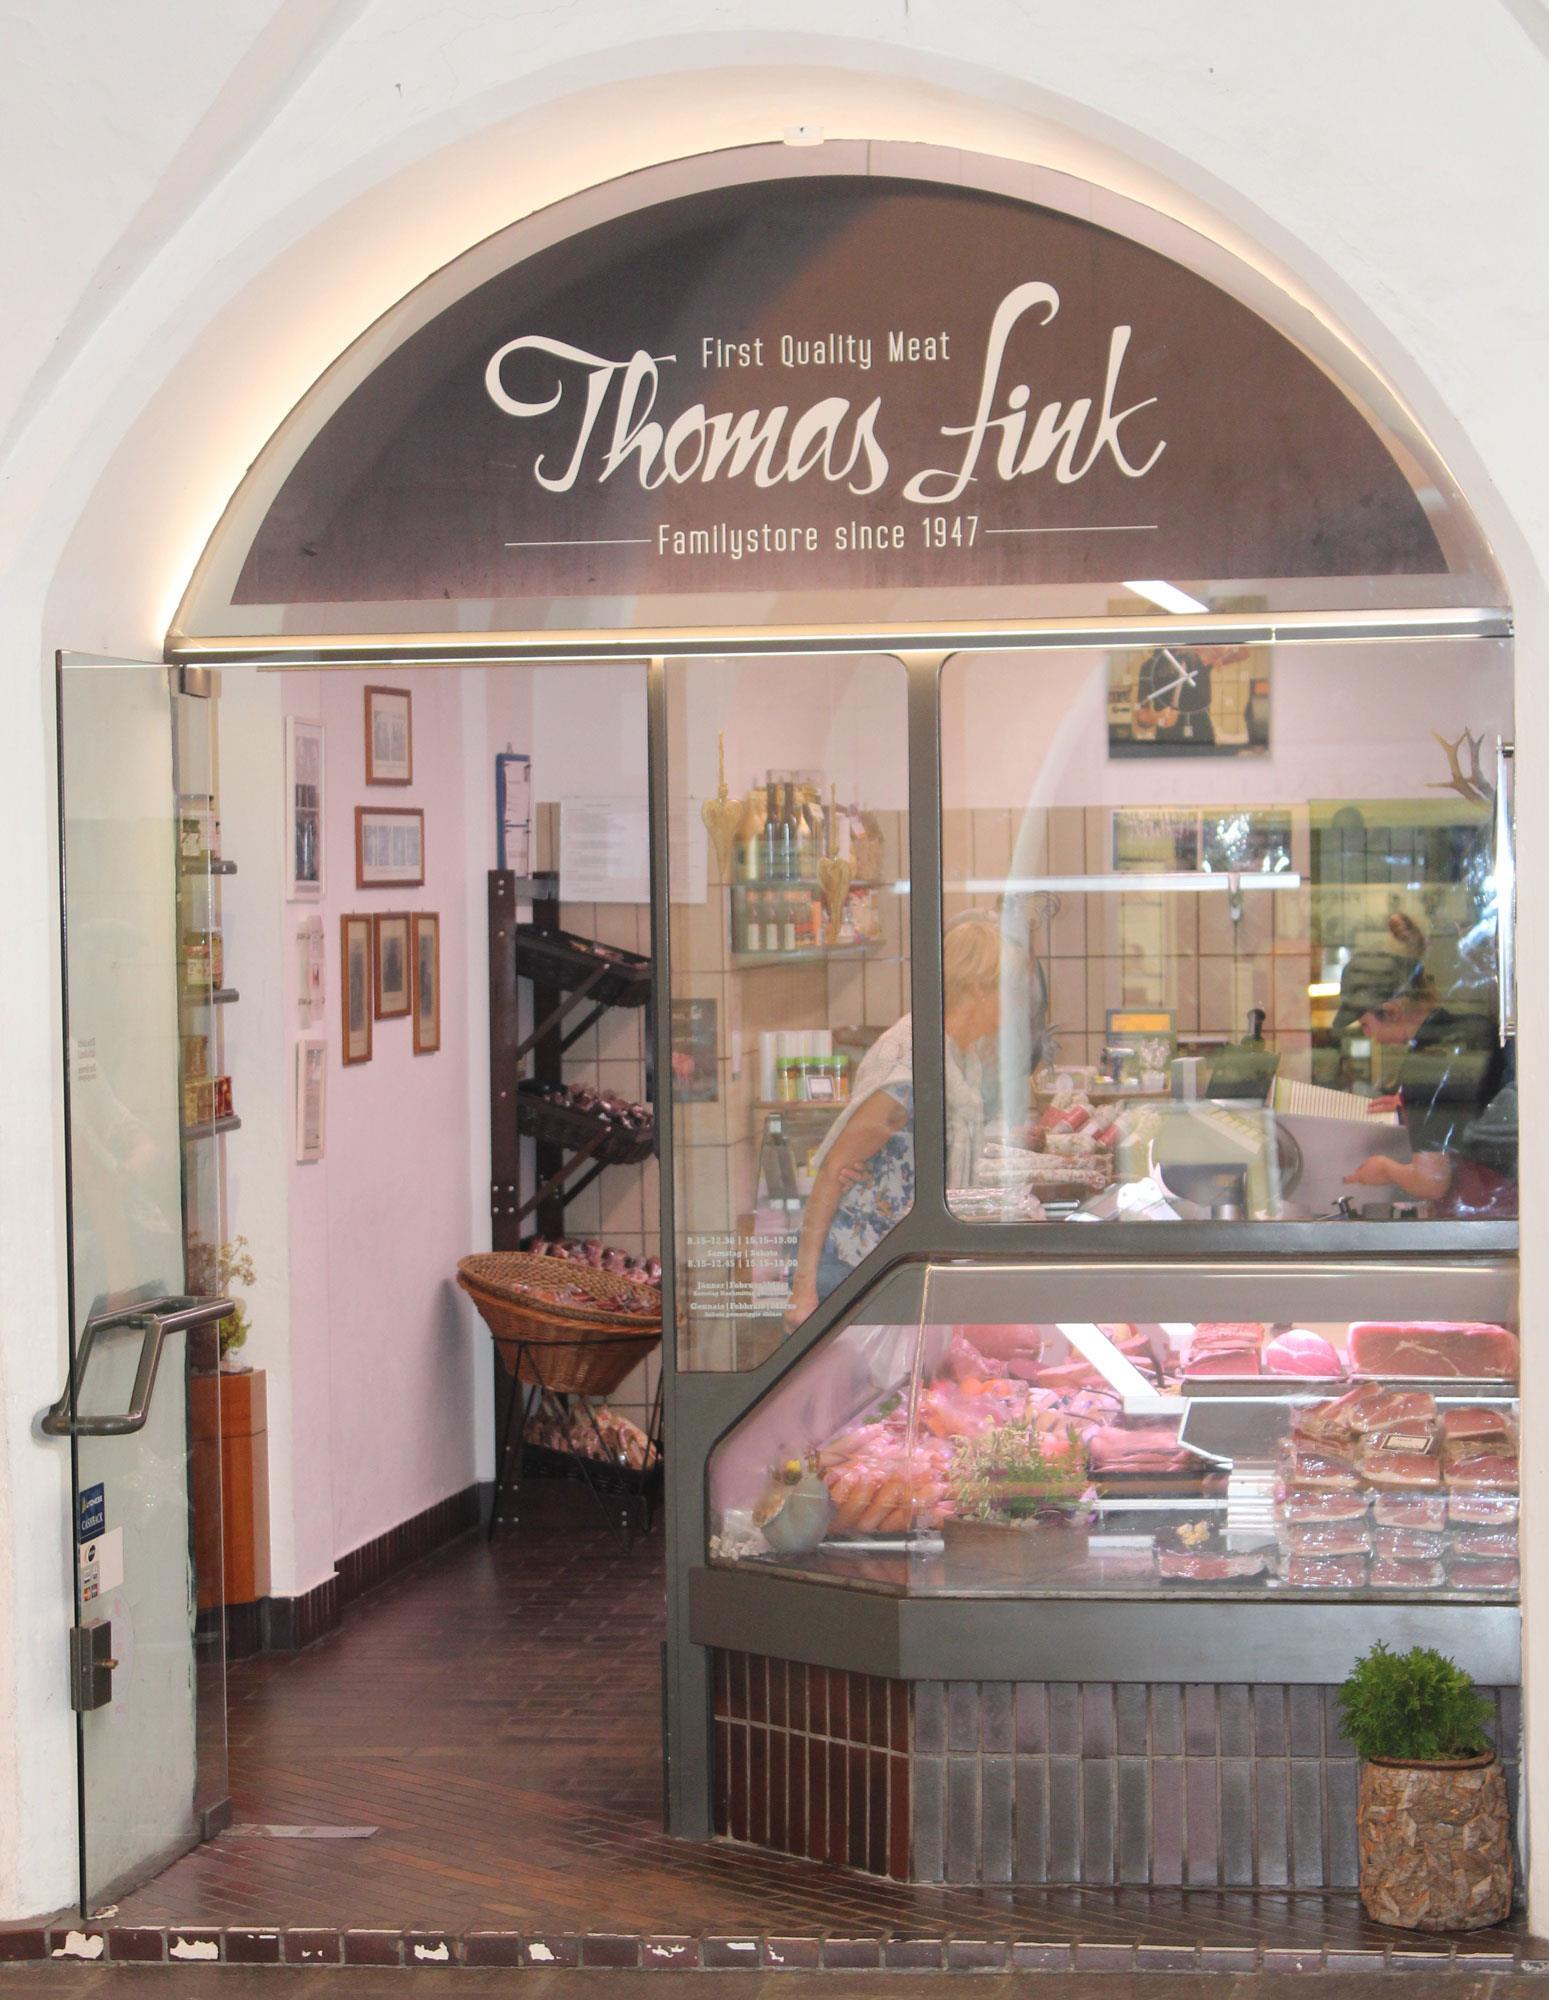 Butcher's shop Fink Thomas